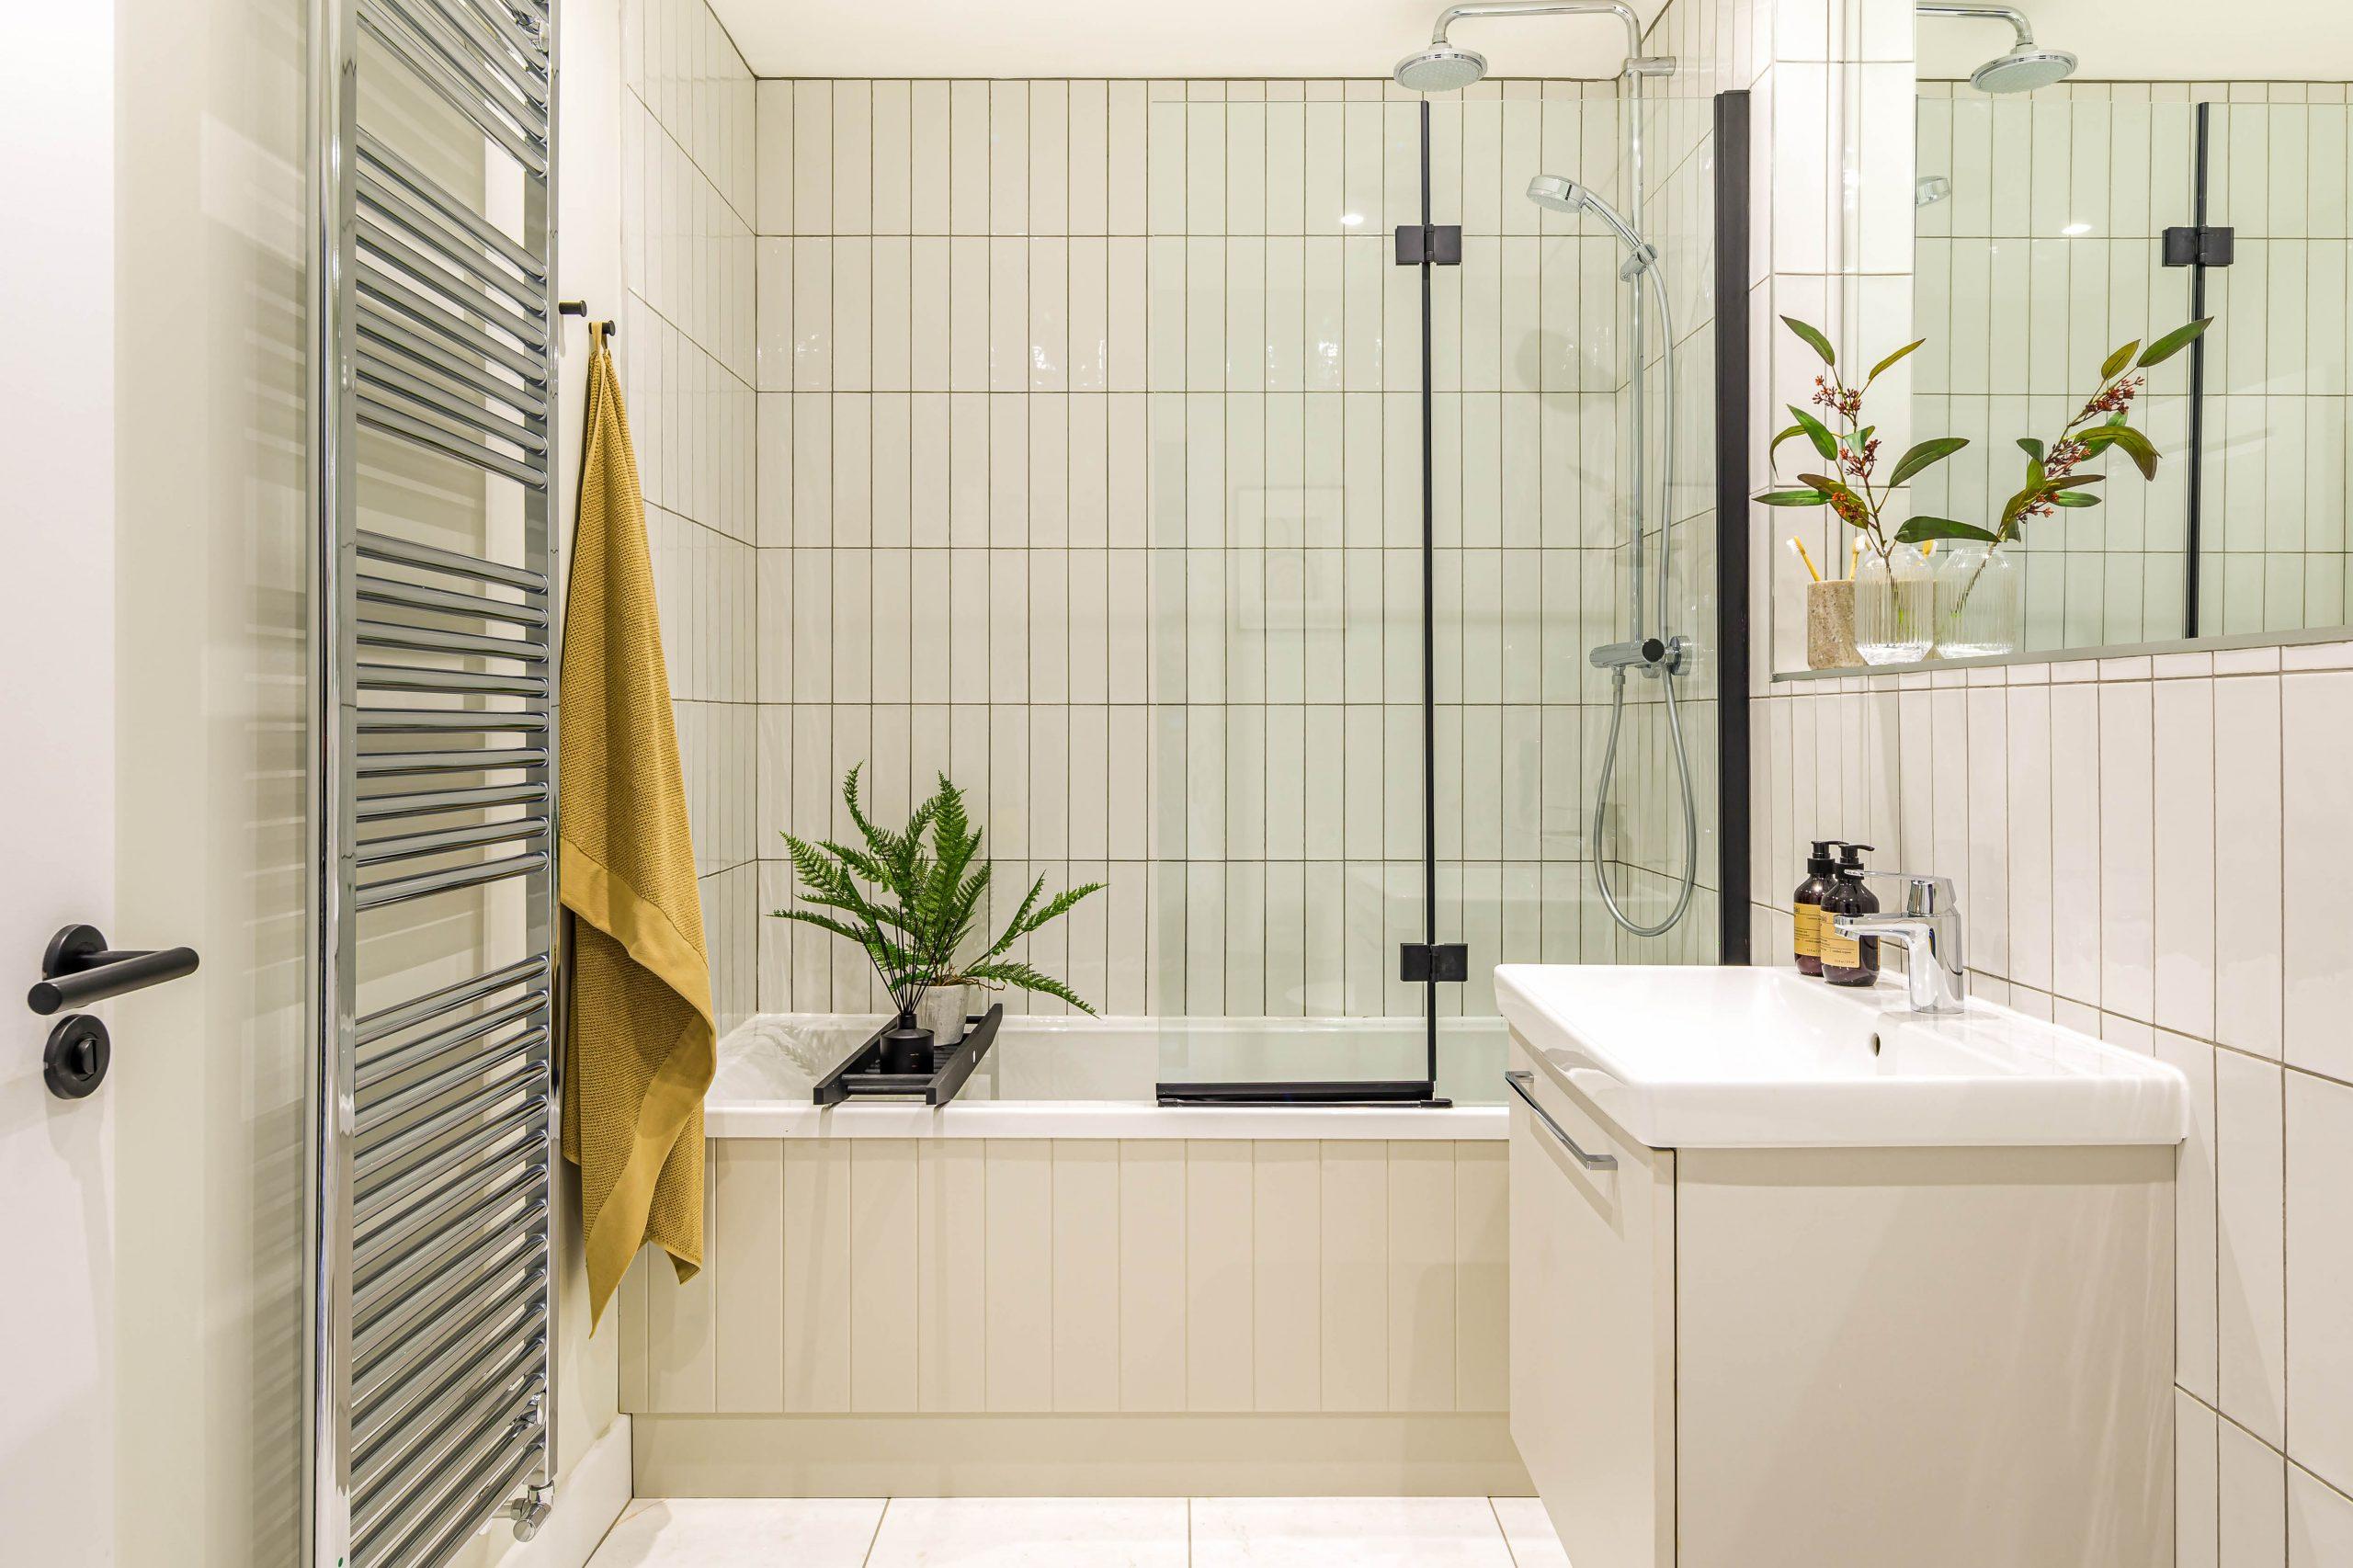 Garden Mews bathroom interior